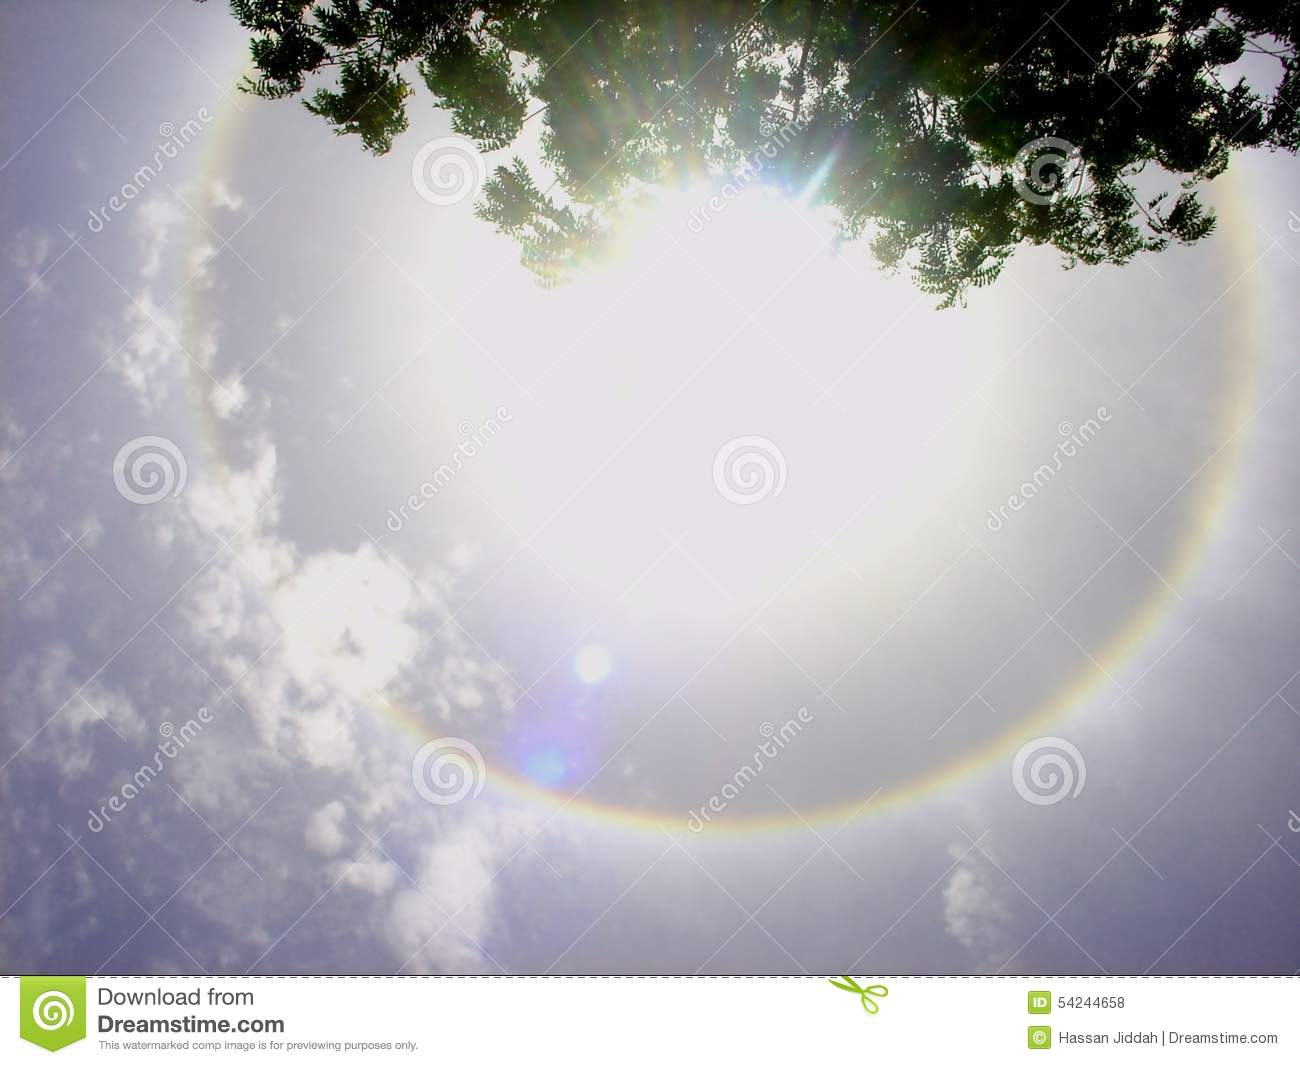 Halo Optical Phenomenon Stock Photo.